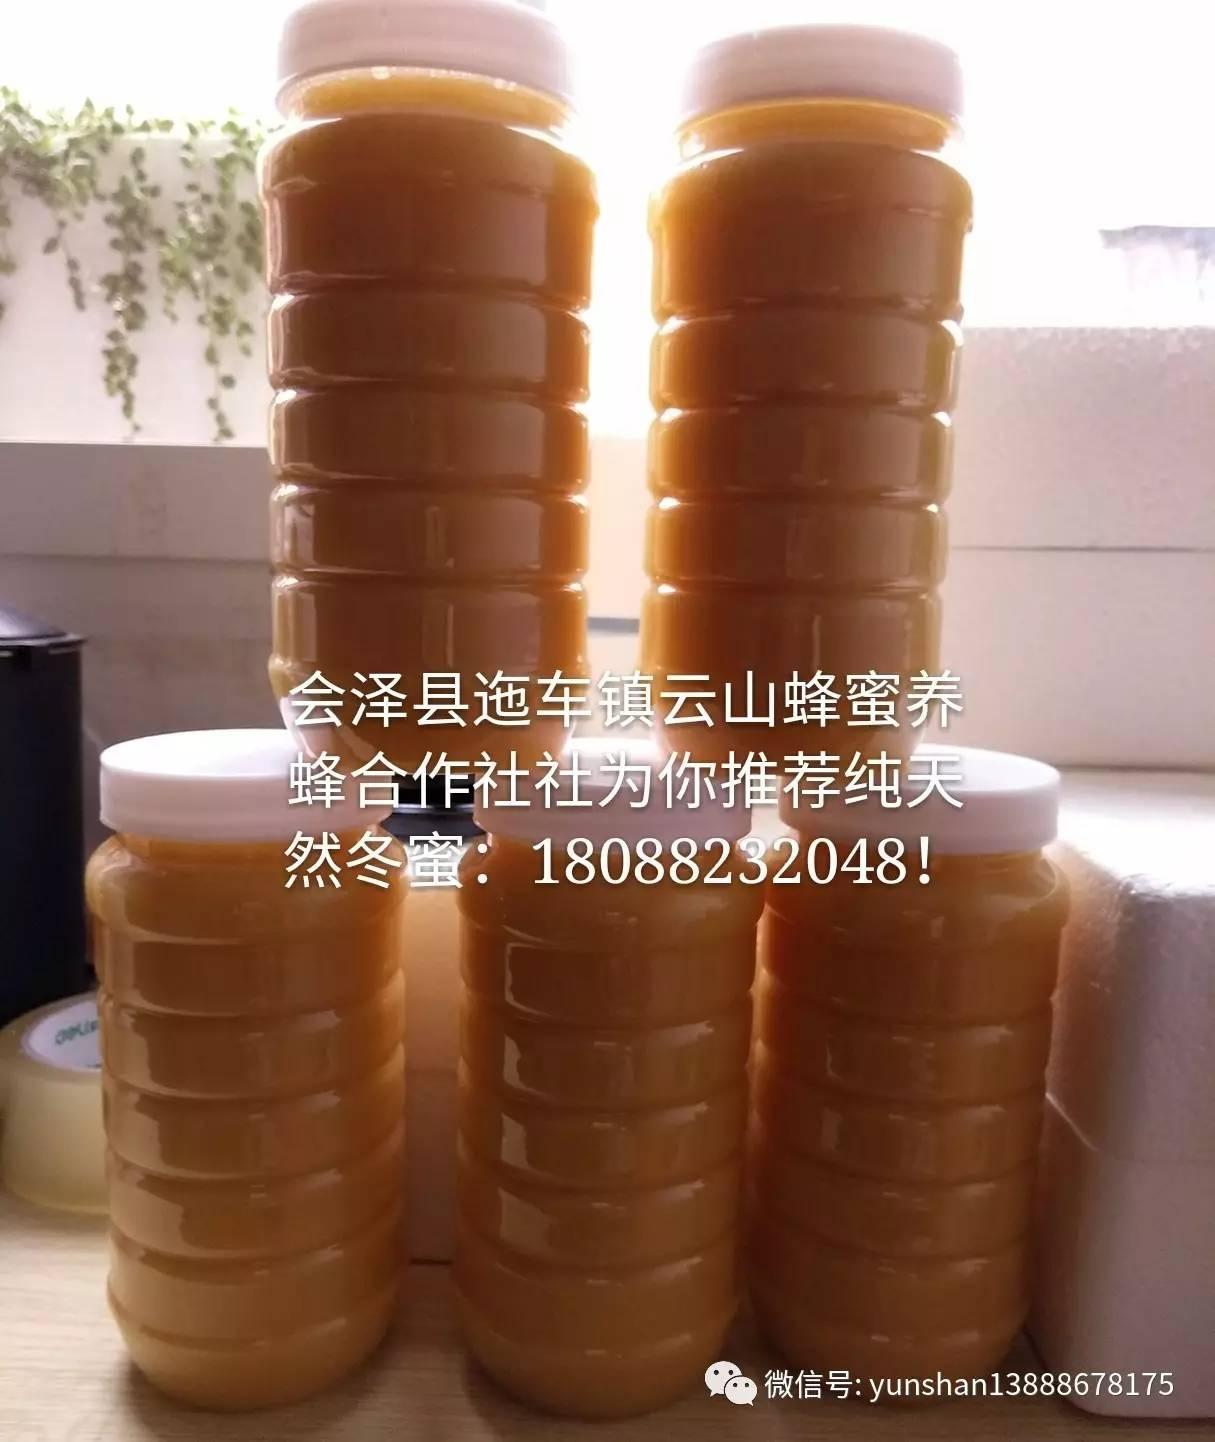 苦瓜蜂蜜 蜂蜜加绿茶变黑 蜂蜜c3检测 蜂蜜的10大真相 蜂蜜是白色的怎么回事